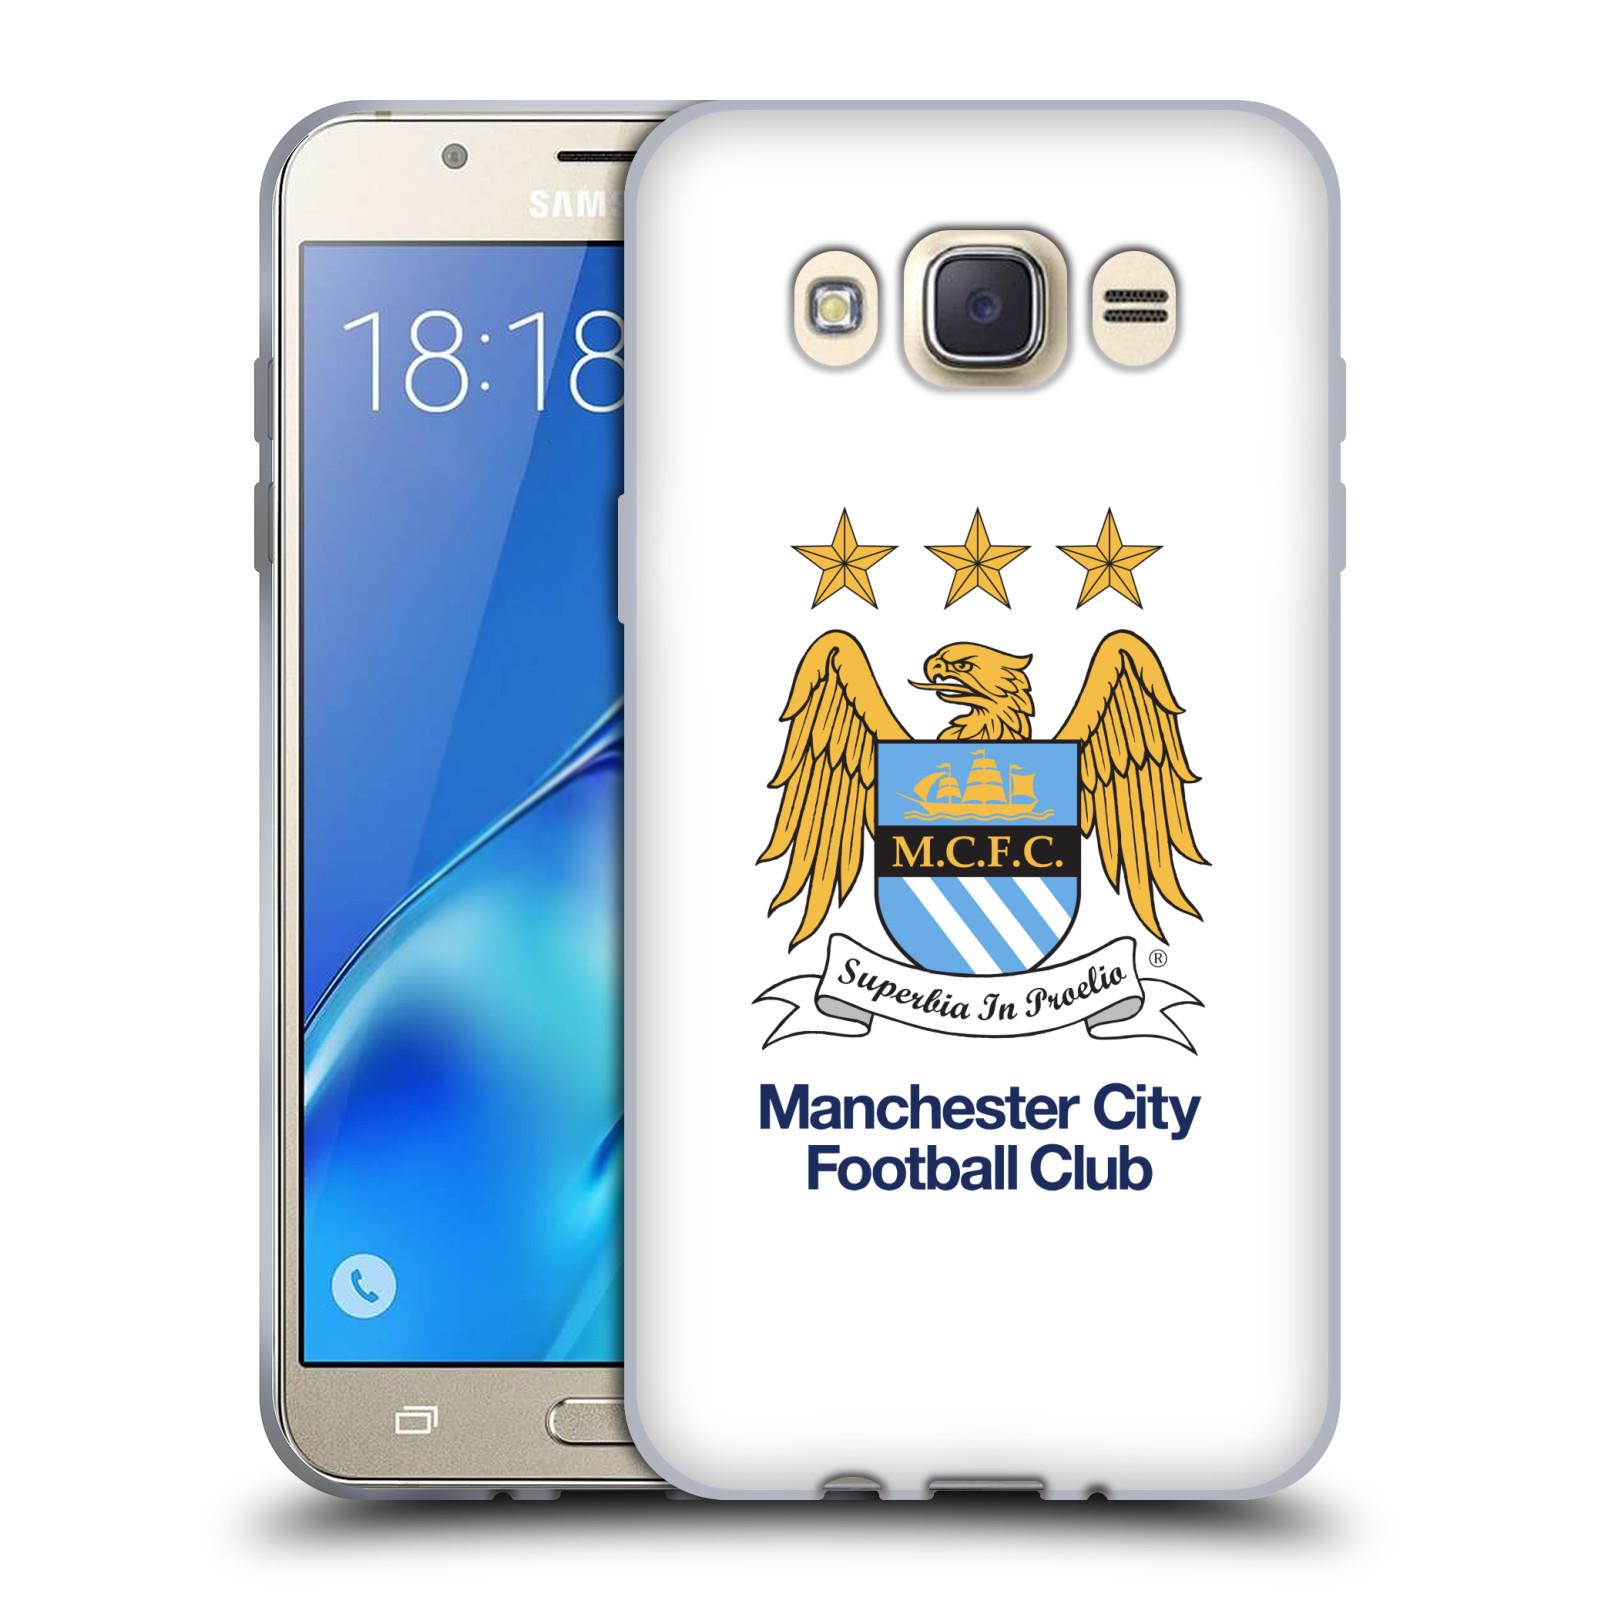 HEAD CASE silikonový obal na mobil Samsung Galaxy J7 2016 Fotbalový klub Manchester City bílé pozadí velký znak pták